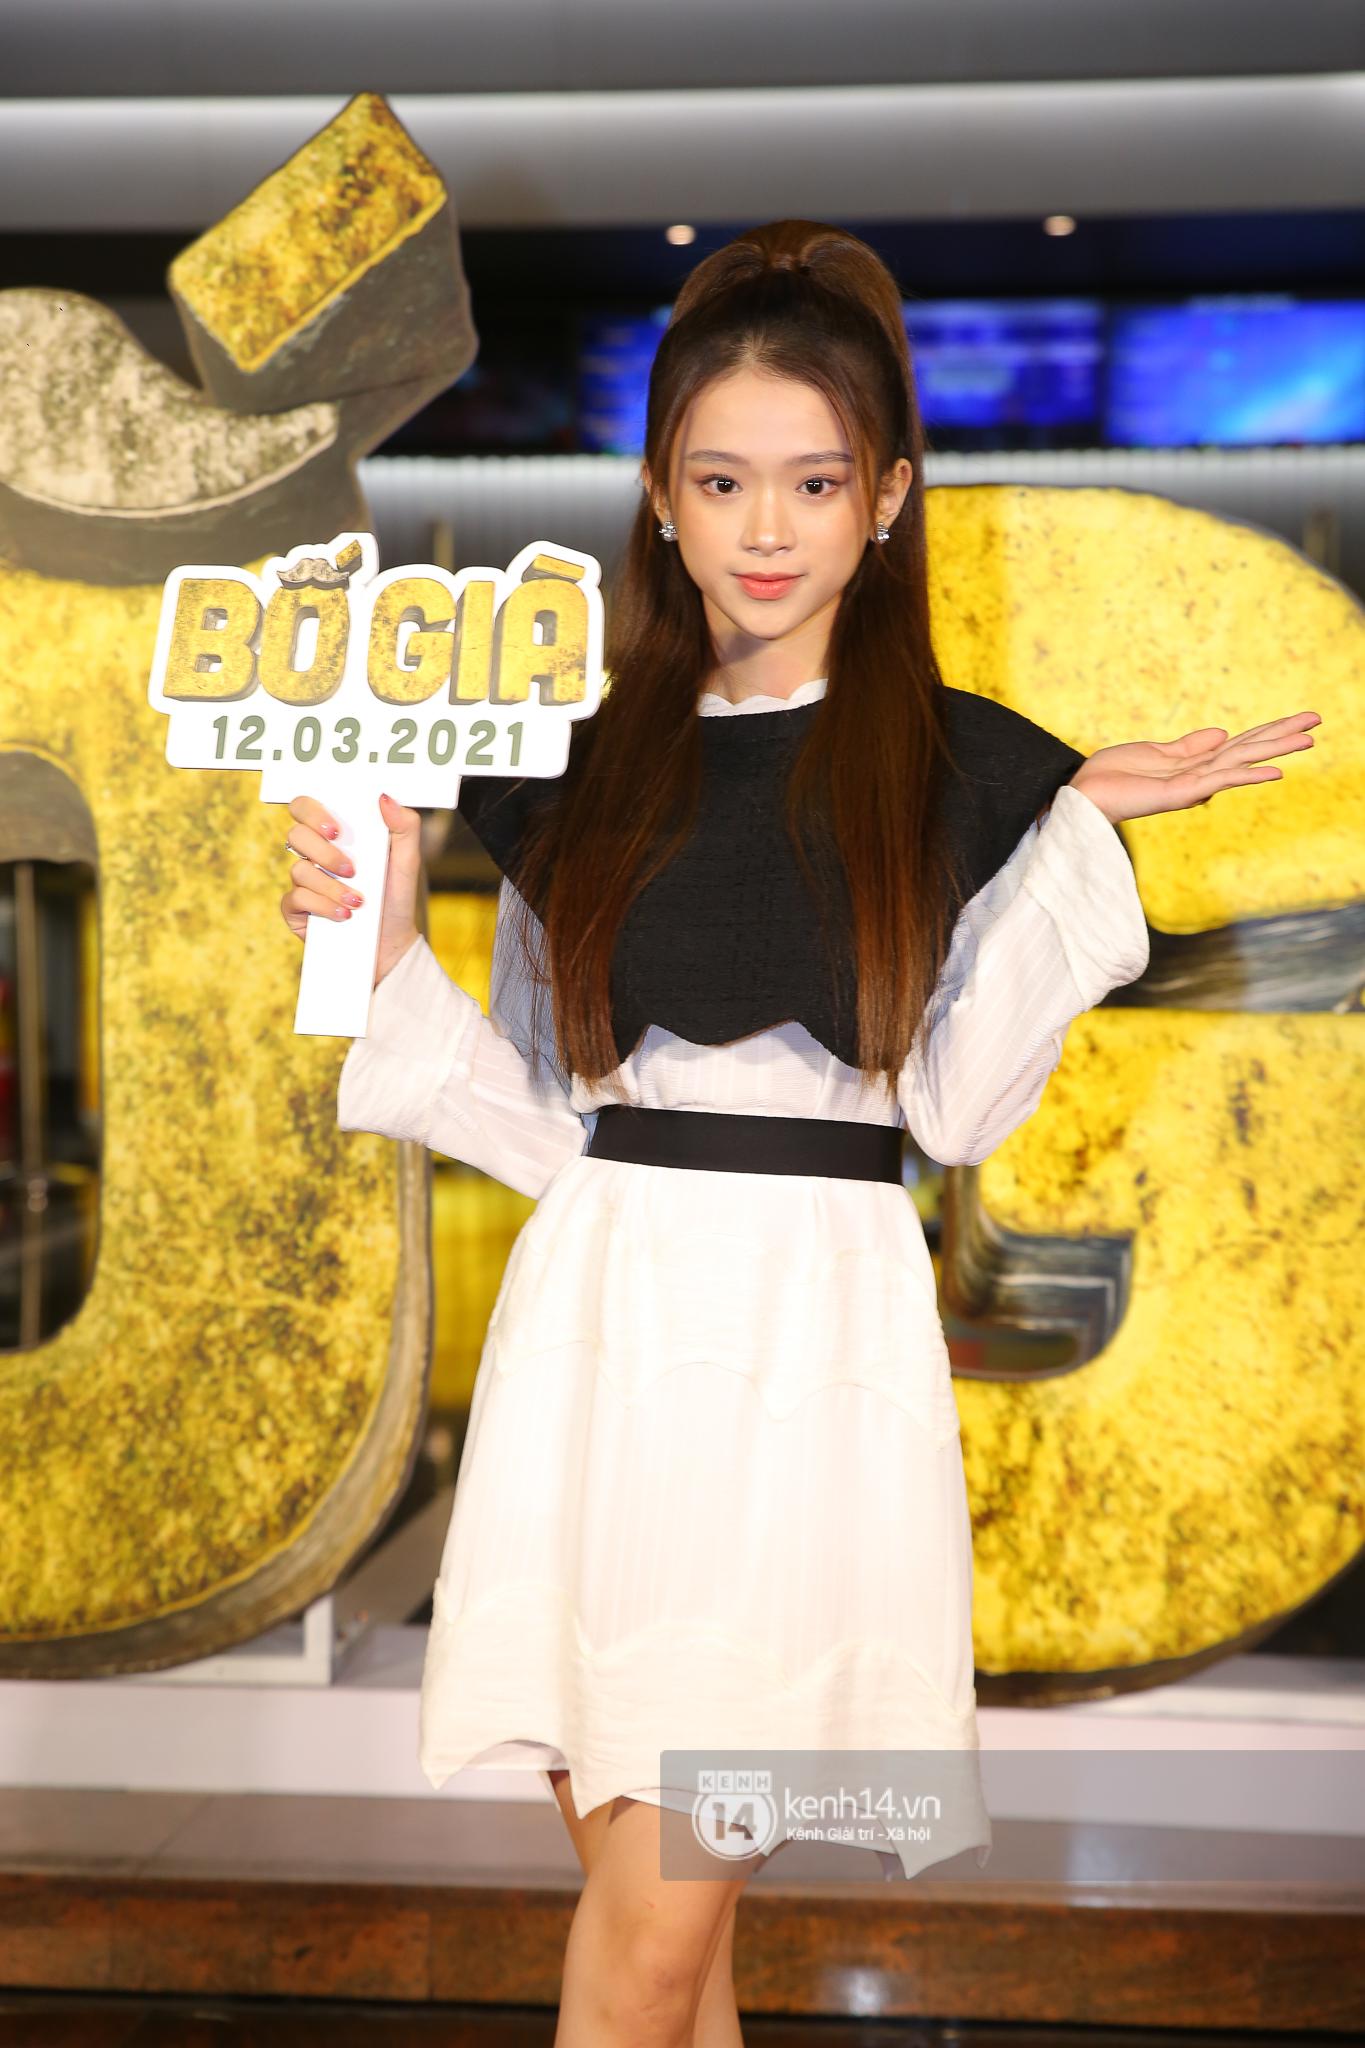 Cặp đôi nhà Đông Nhi, Lệ Quyên thi nhau show ân ái không kém cạnh Trấn Thành - Hariwon ở siêu thảm đỏ Bố Già - Ảnh 27.